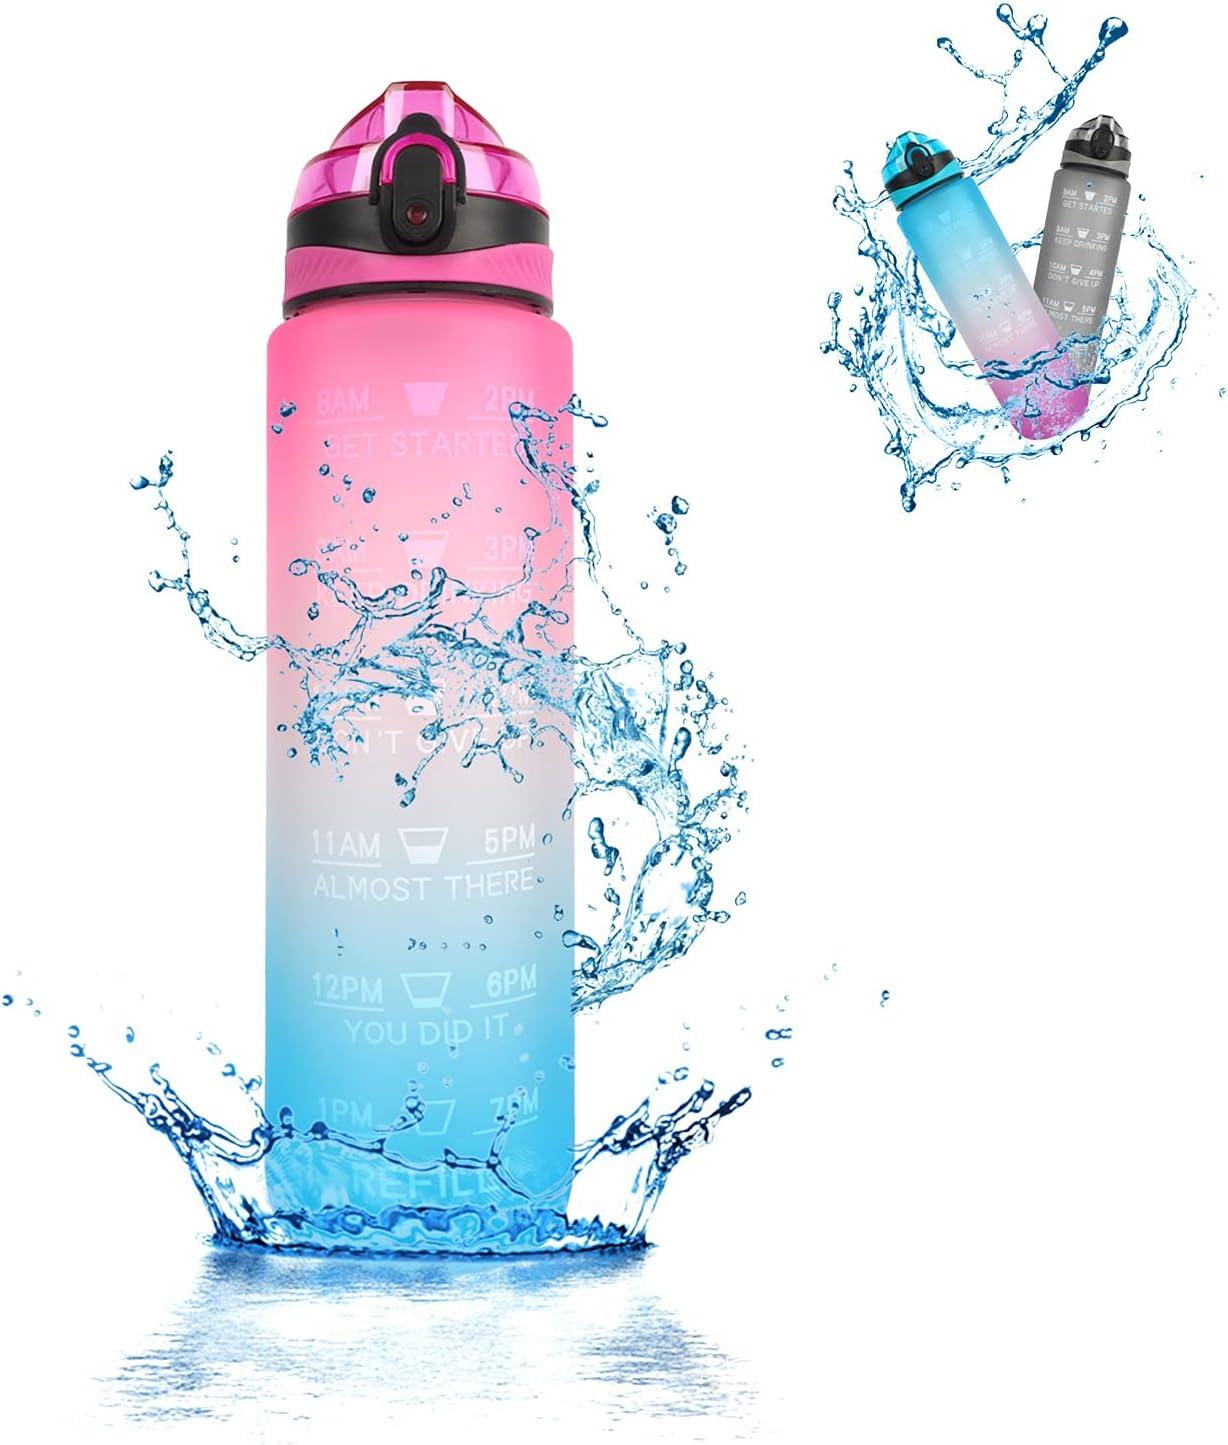 Runmeihe Botella de agua motivacional de 32 oz a prueba de fugas Tritan Bpa Free Bottle Time Marker con boquilla de silicona para actividades al aire libre, gimnasio, oficina (Blue Pink)